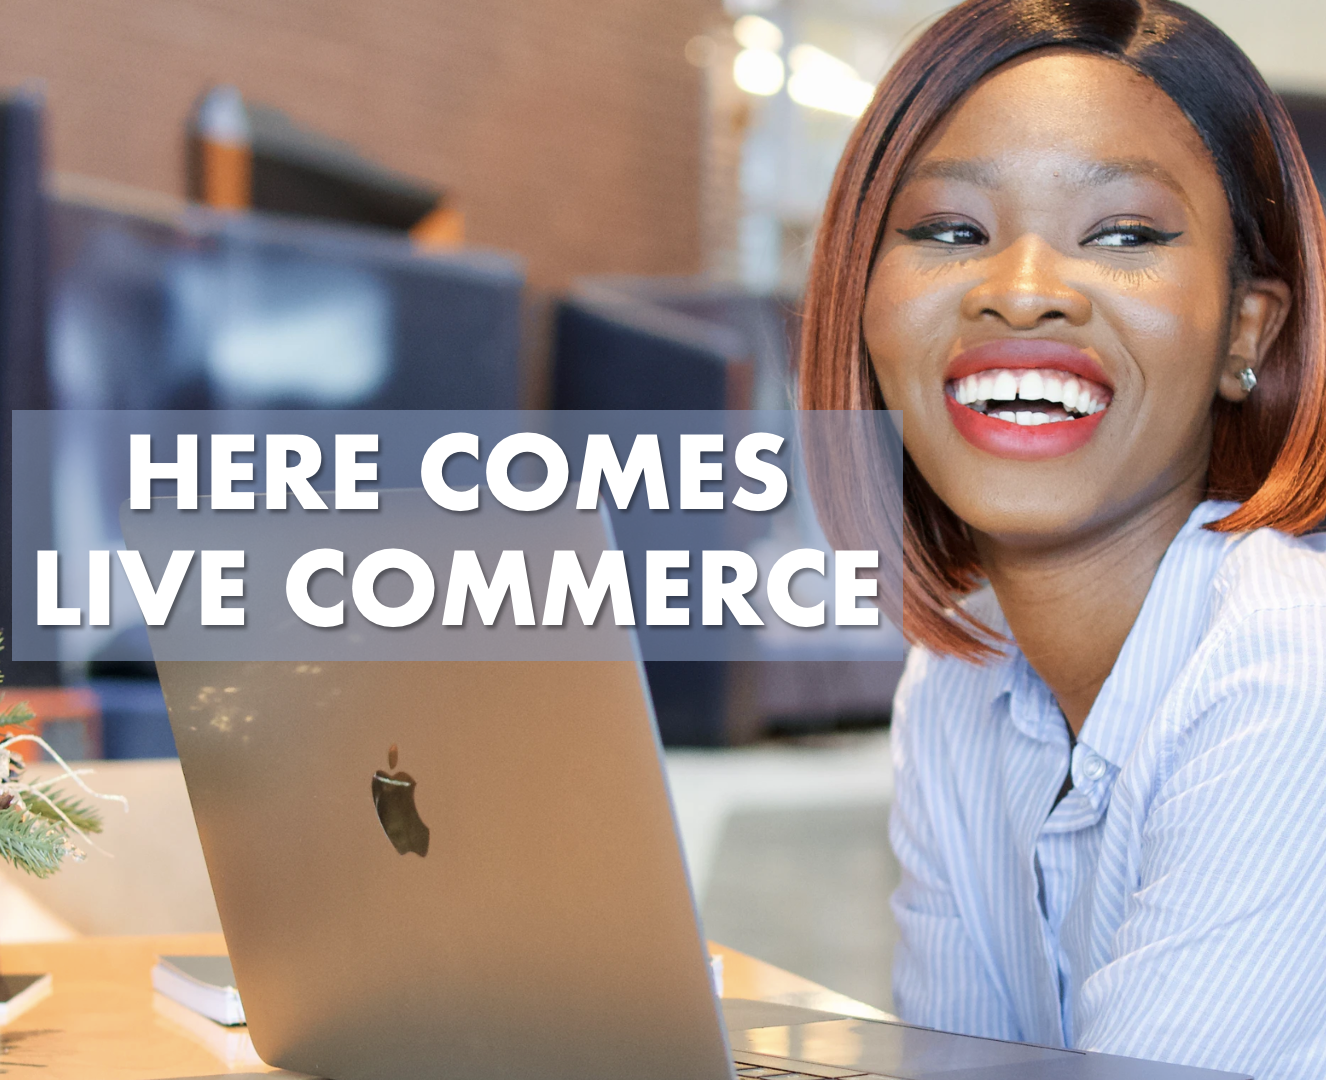 live commerce